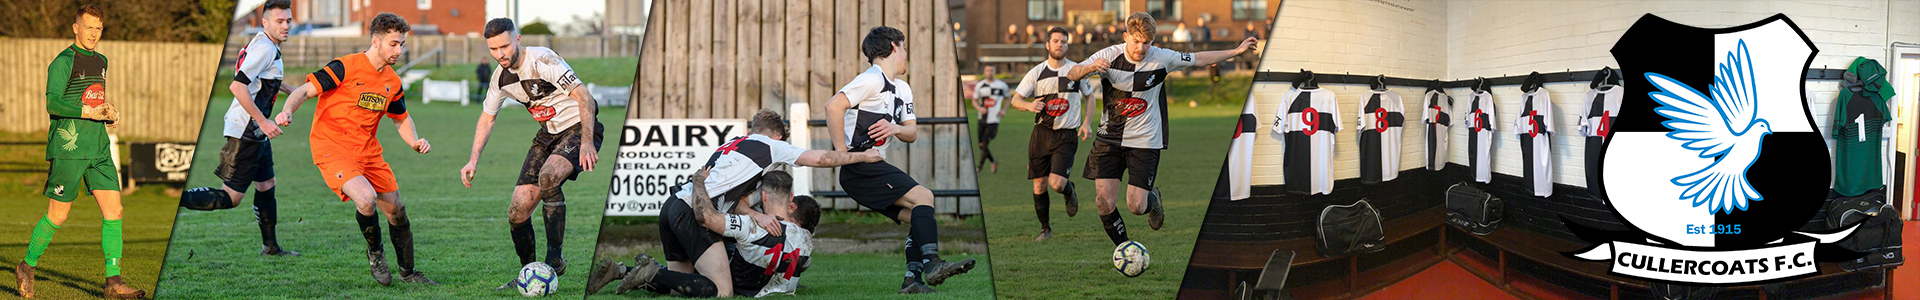 Cullercoats FC